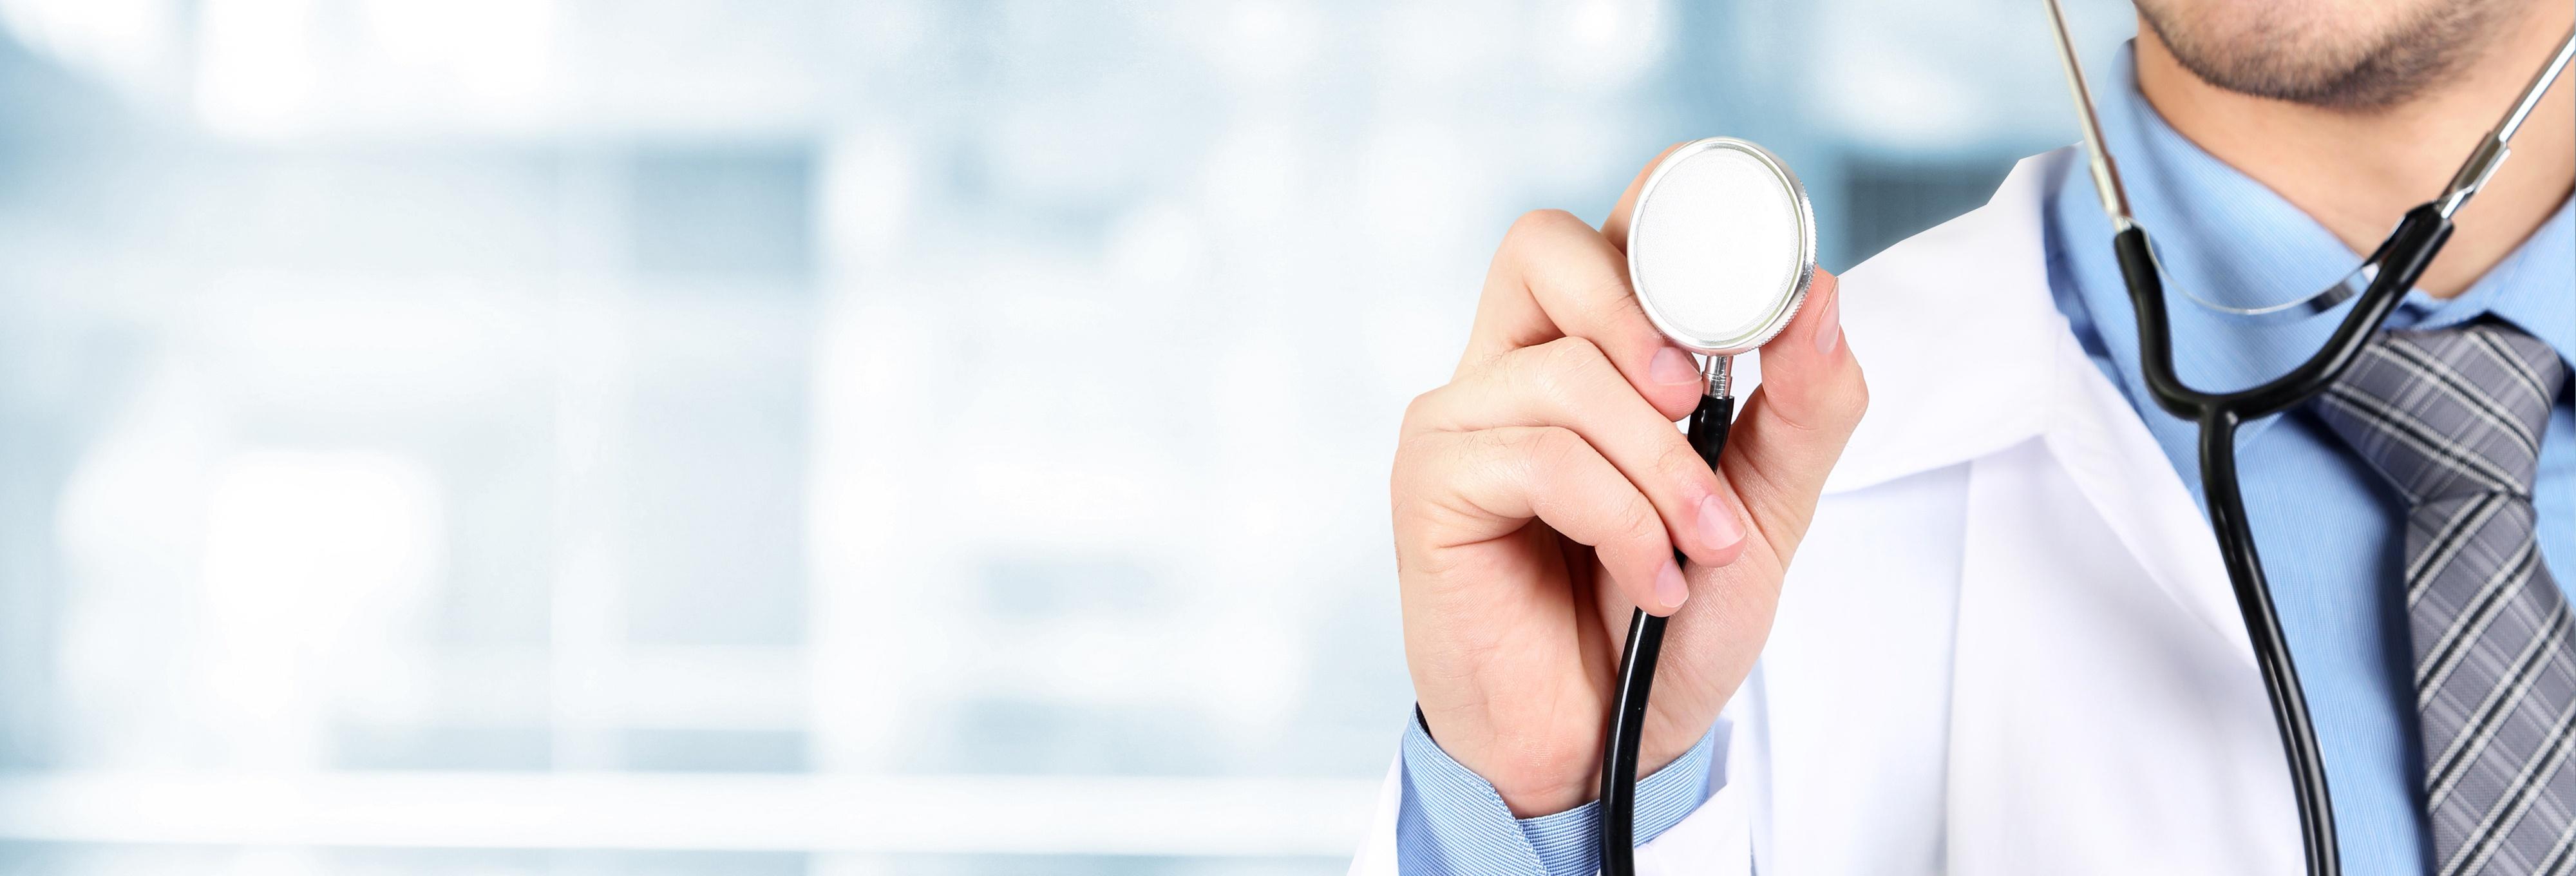 Términos Y Frases En Italiano Relacionadas Con La Medicina